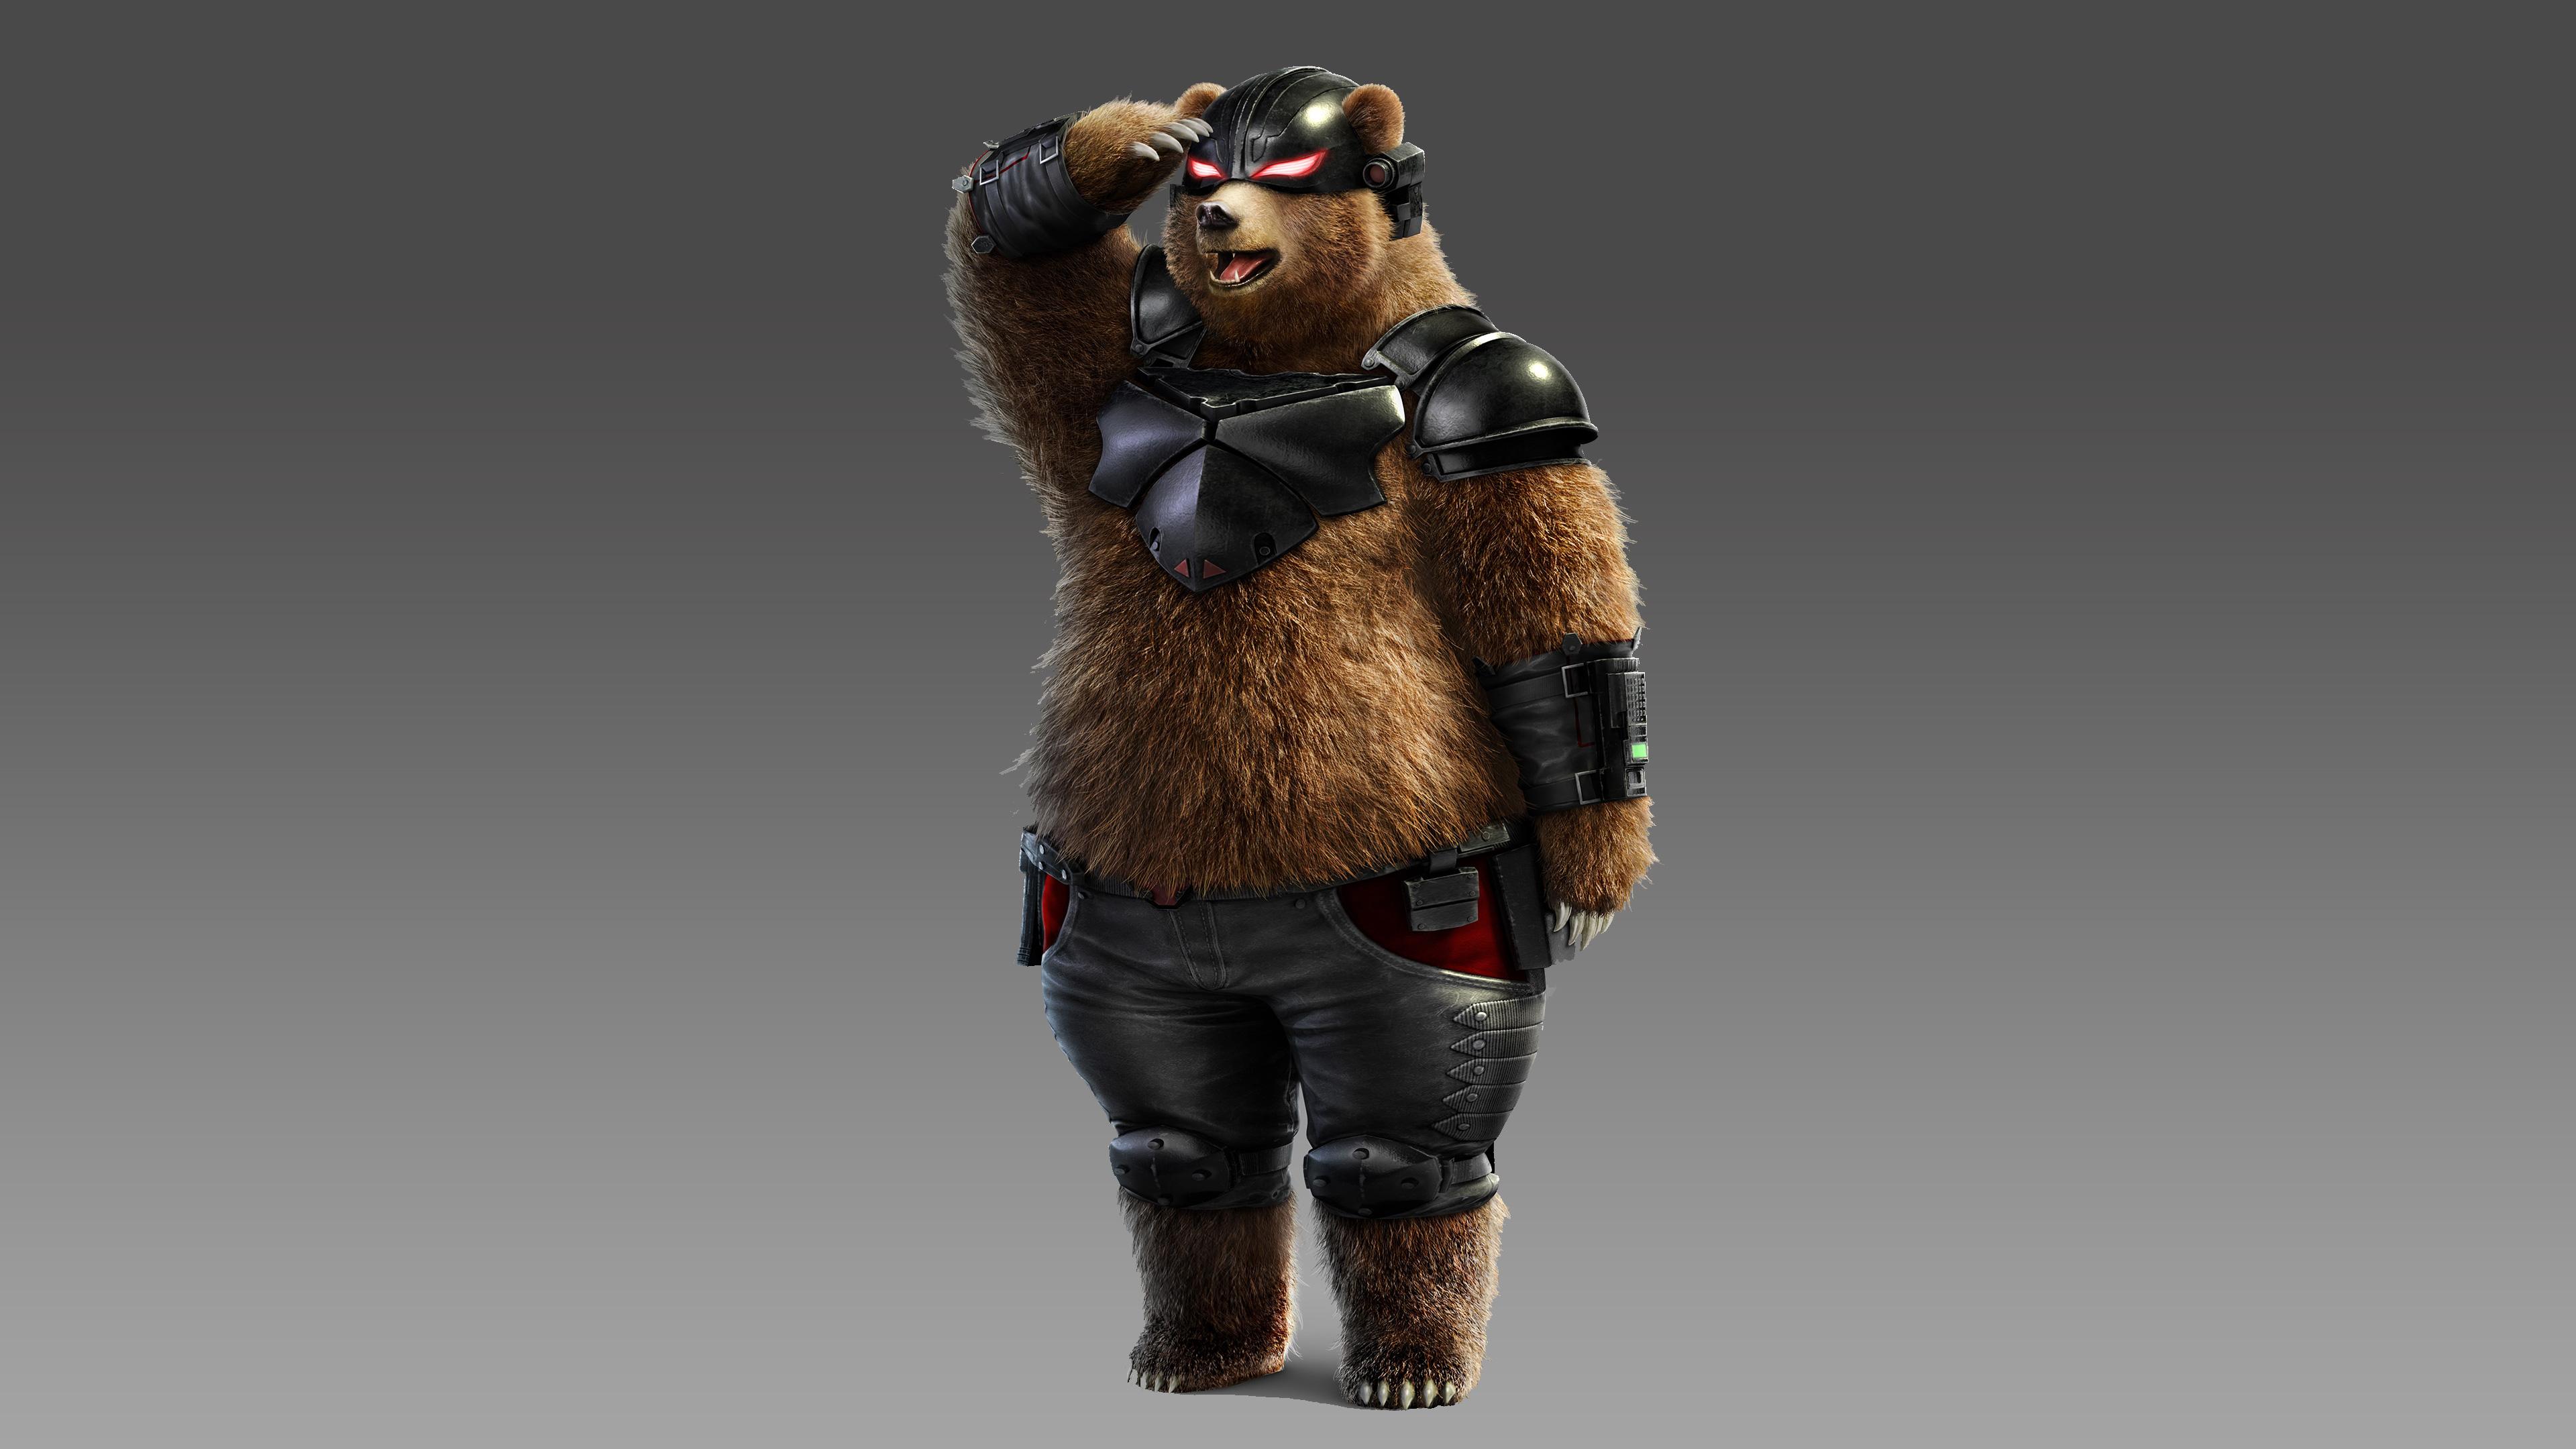 Теккен 7 медведь панда. обои скачать